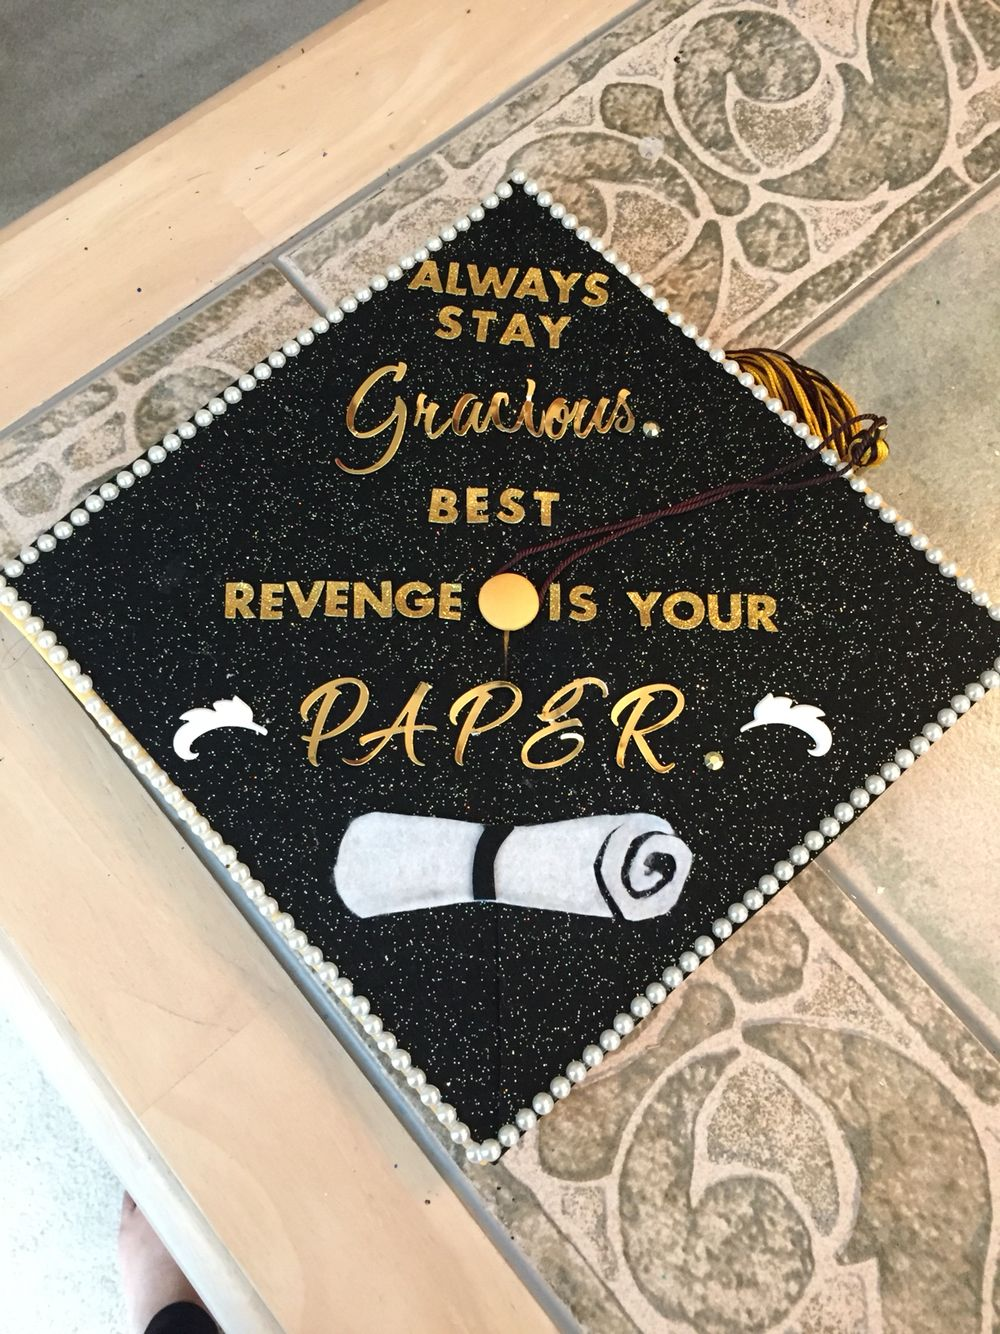 Uncategorized Paper Graduation Caps decorated graduation cap with beyonce quote senior stuff quote